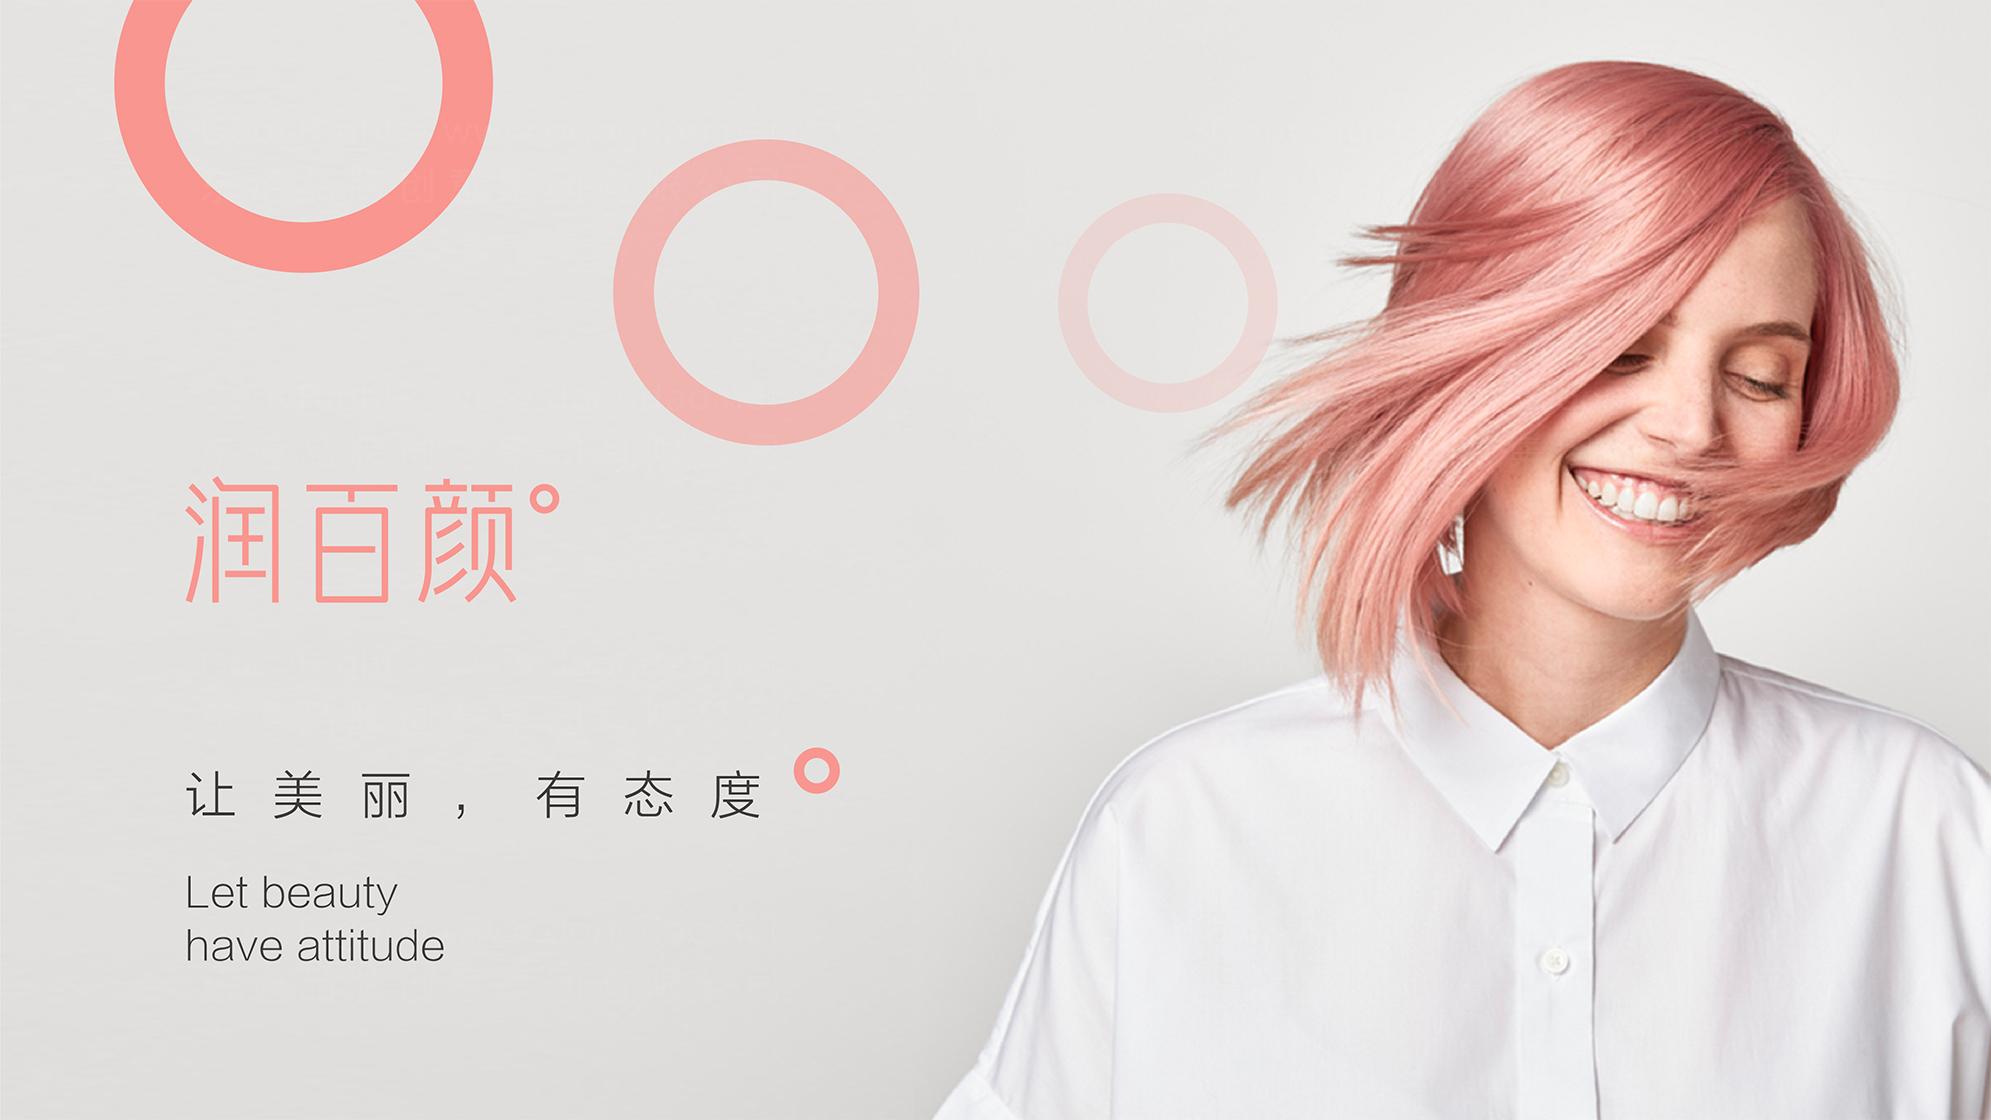 品牌设计润百颜LOGO&VI设计应用场景_9